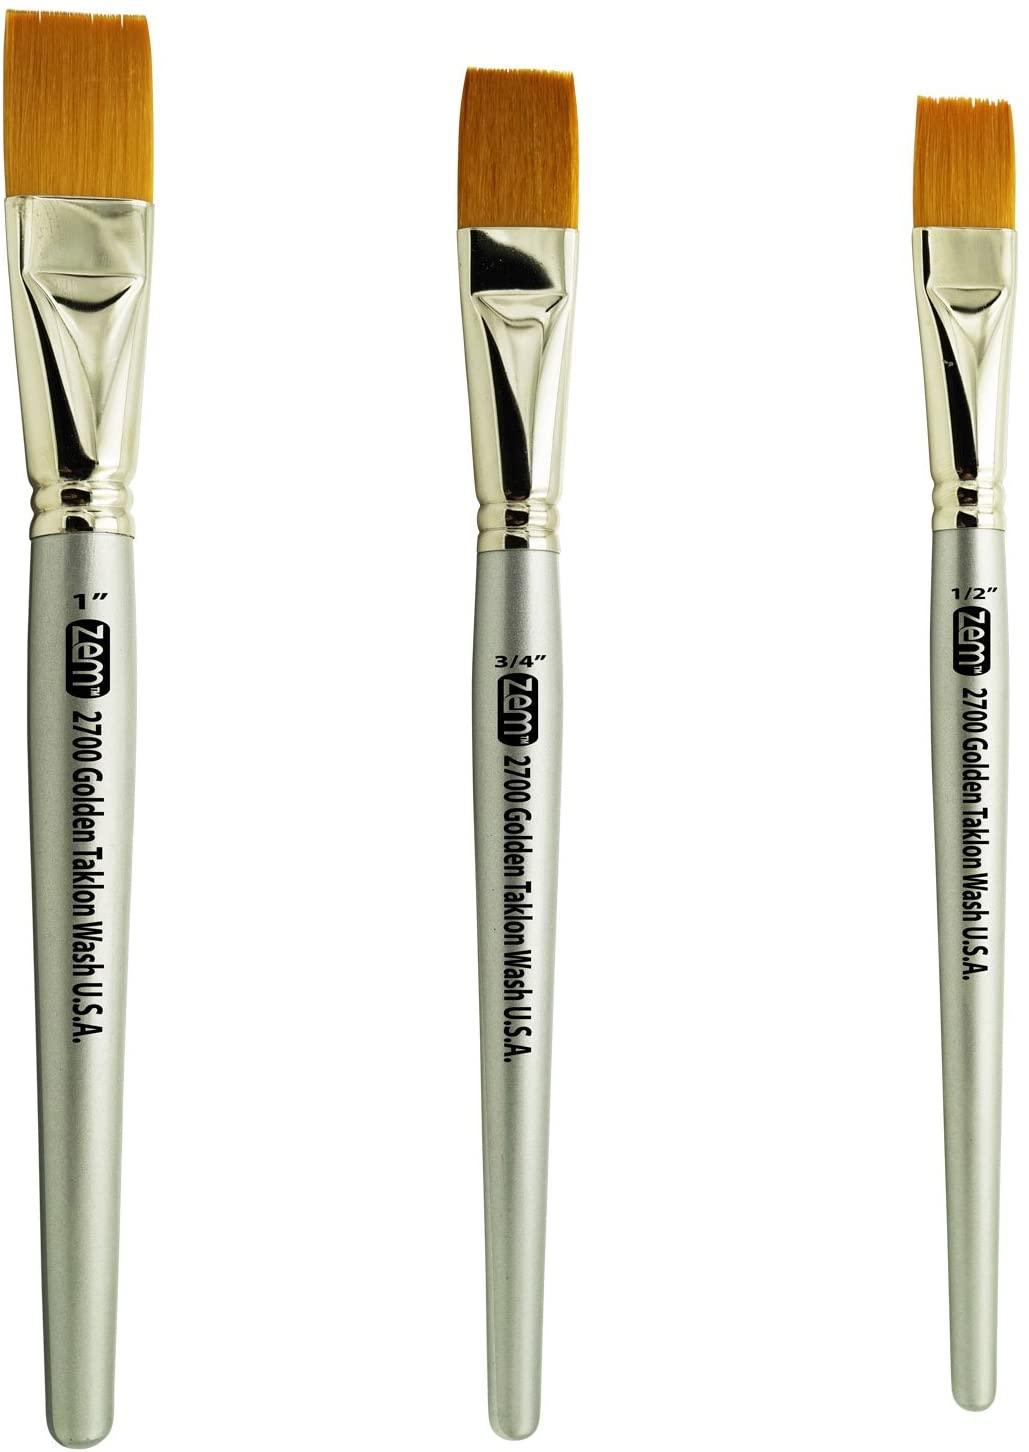 ZEM Brush Golden Taklon Wash Brush Set Sizes 1/2